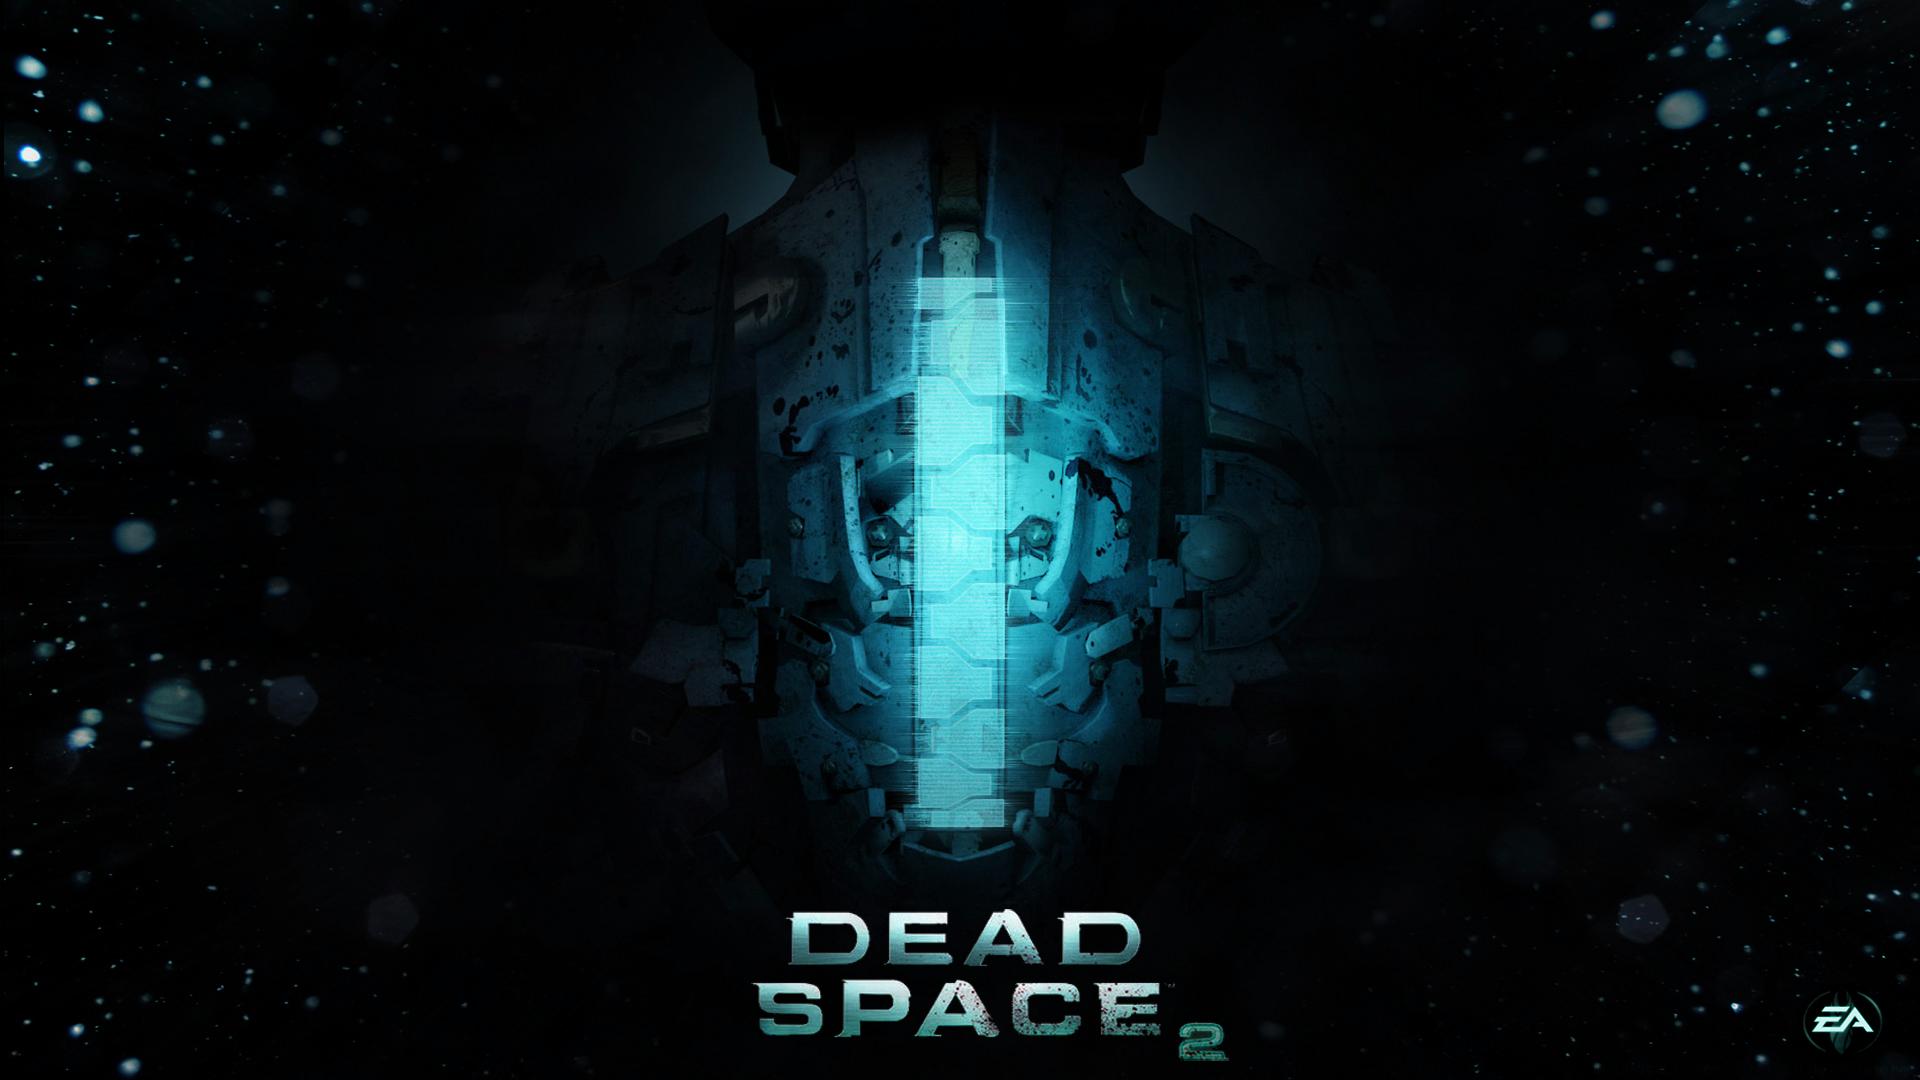 Dead Space Hd Wallpaper